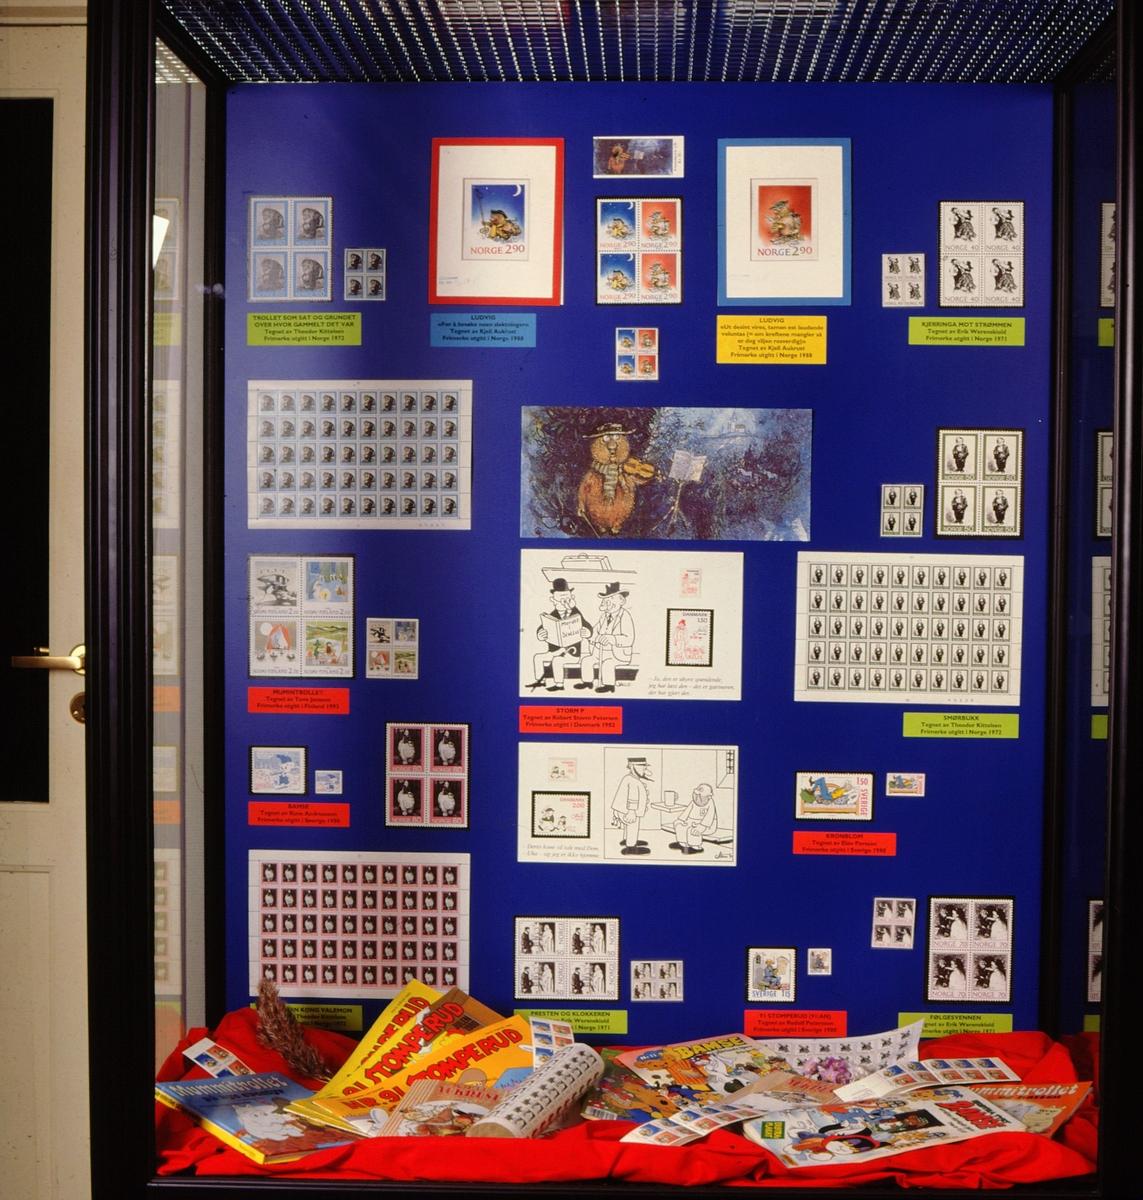 postmuseet, Kirkegata 20, utstilling, frimerker, bokillustrasjoner, eventyrfigurer, motiv av Kjell Aukrust, Theodor Kittelsen, Erik Werenskiold